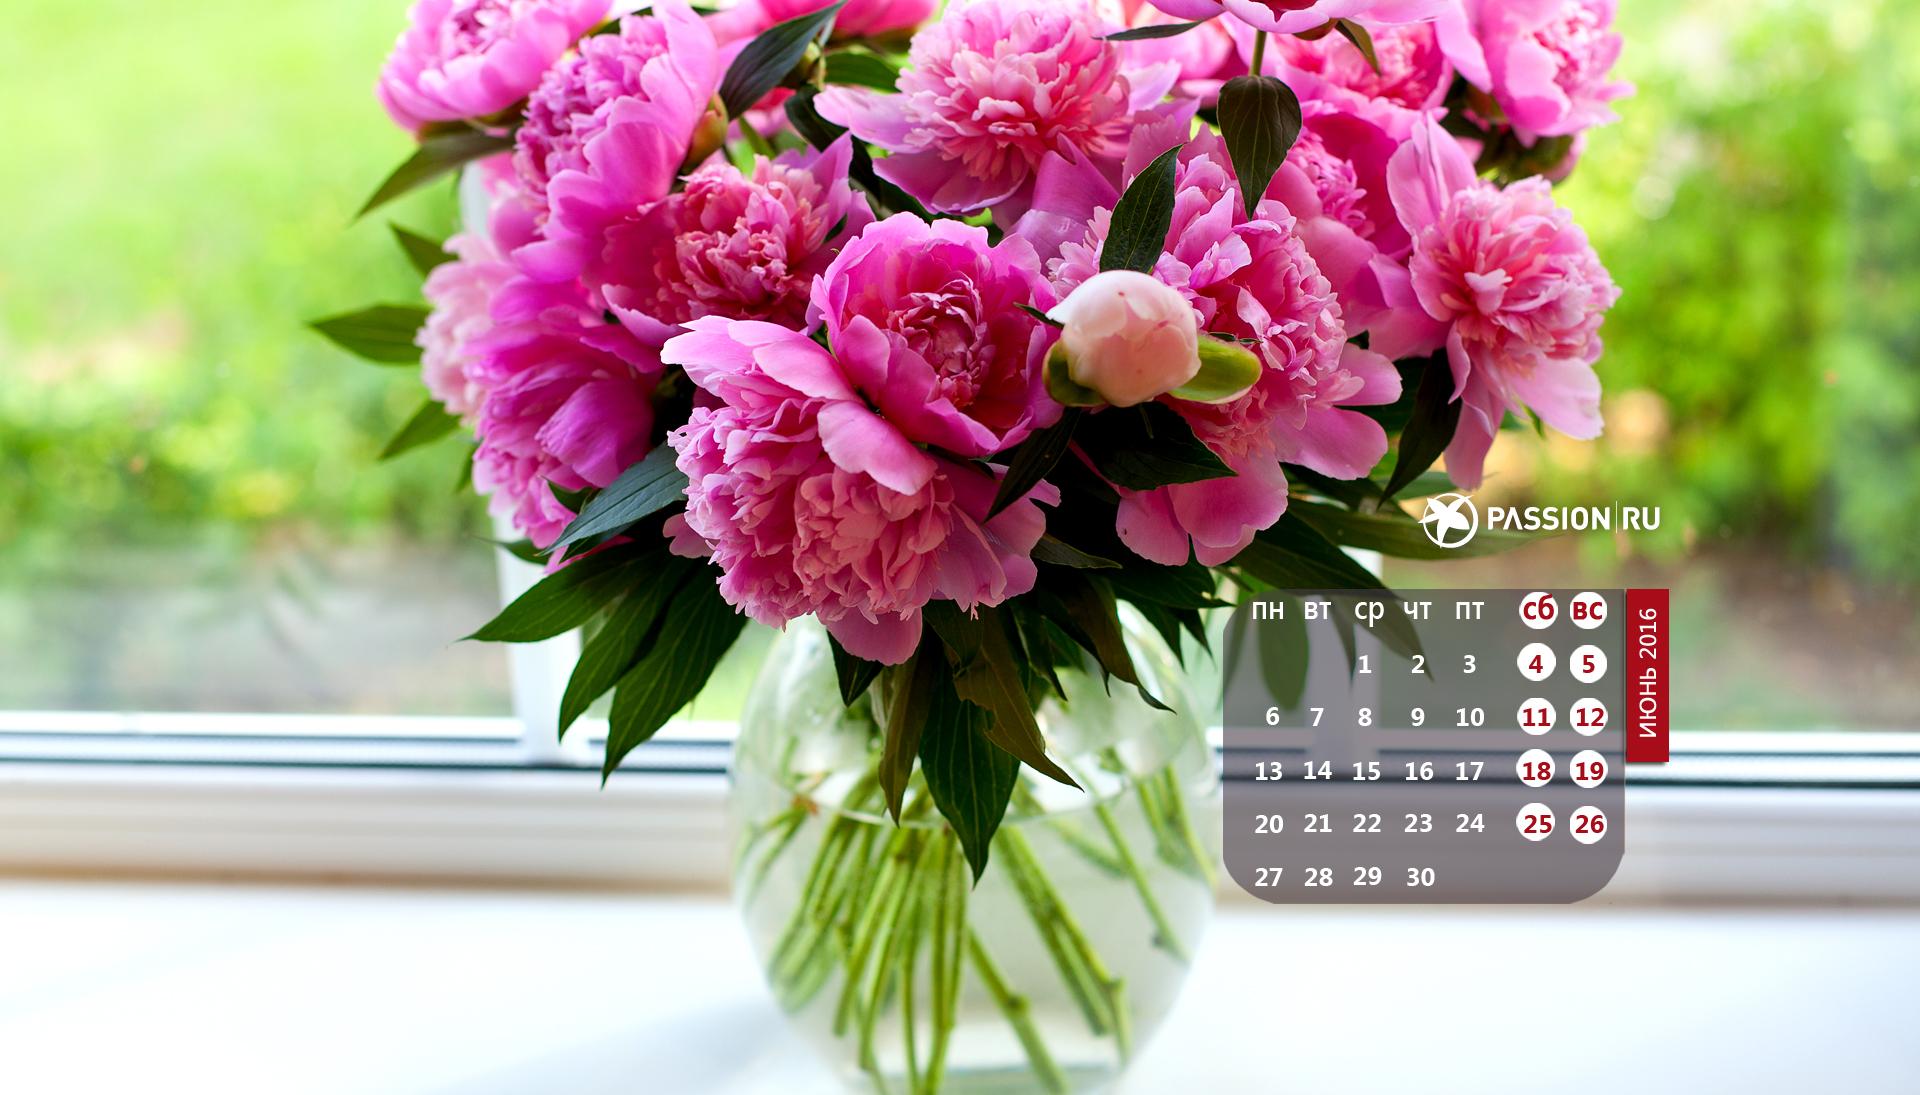 Календарь на рабочий стол 2017 пассион